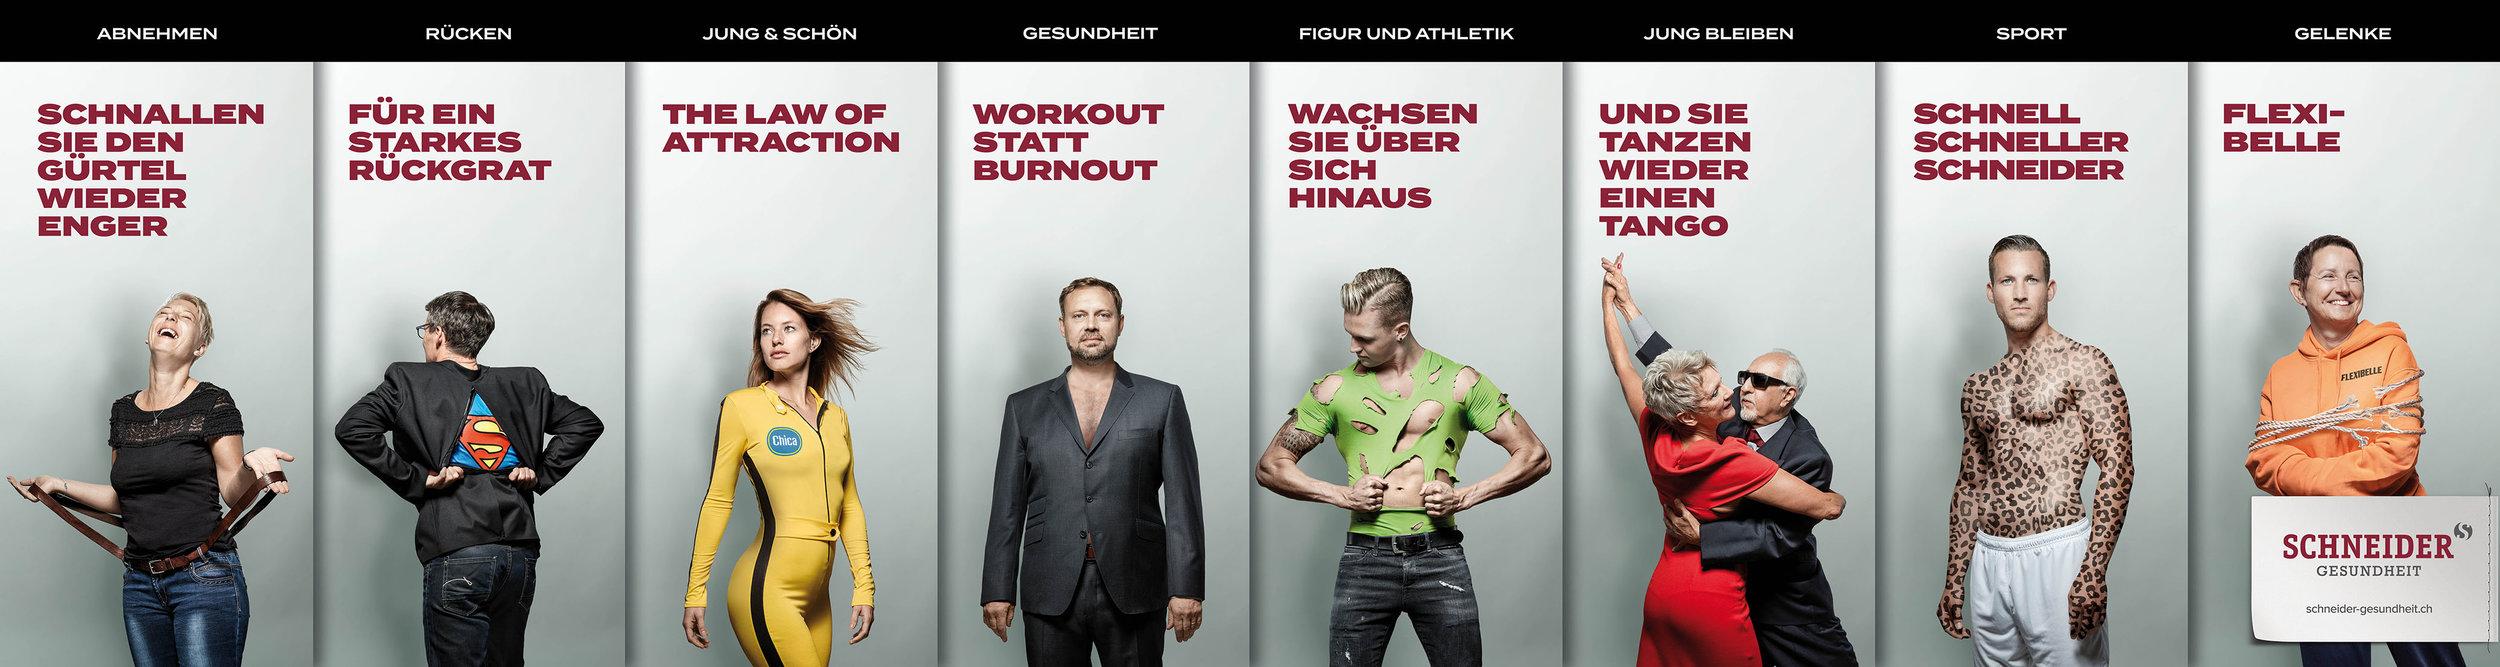 Schneider Gesundheit, POS